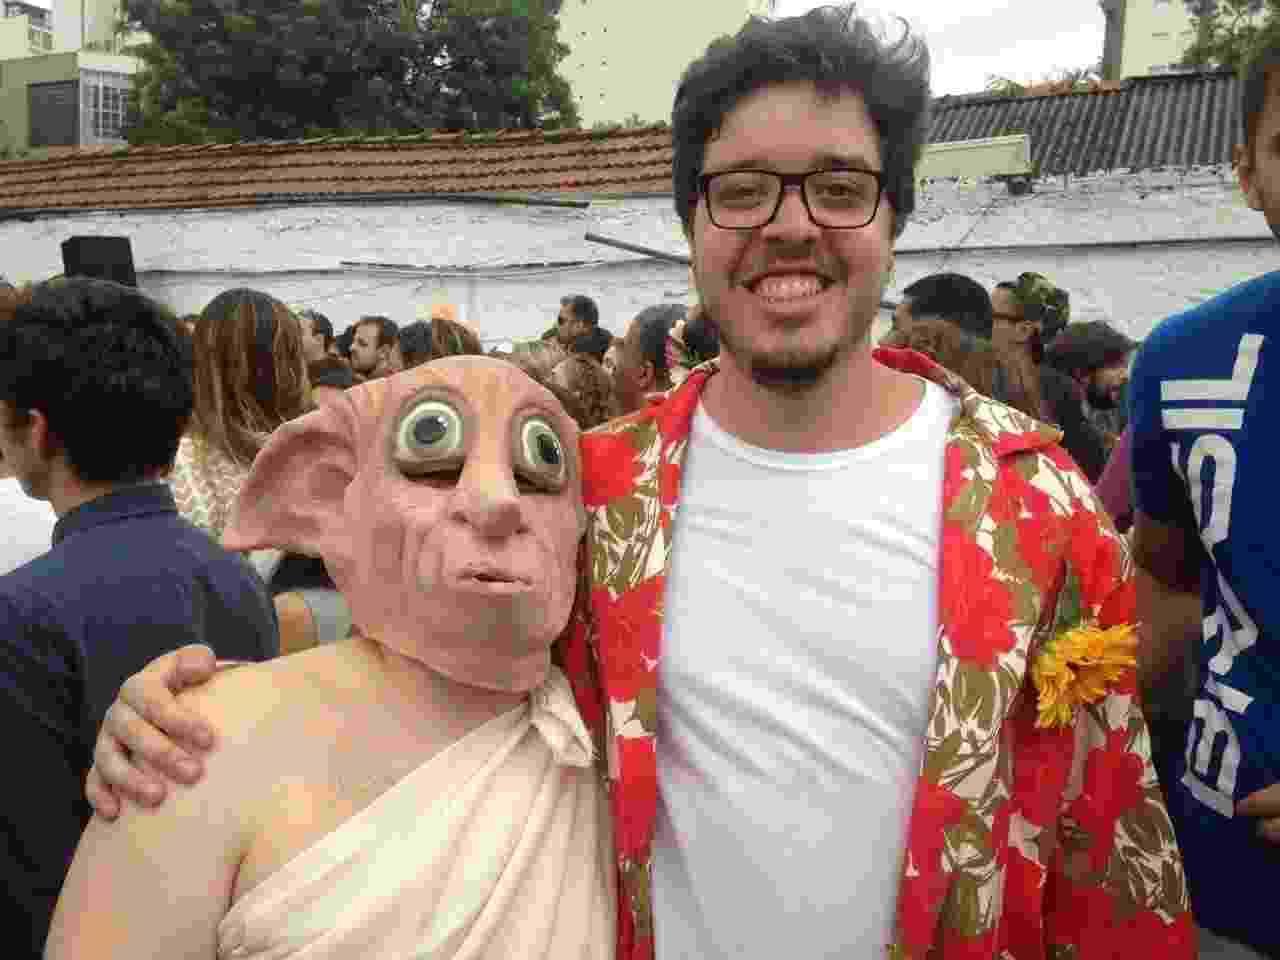 28.jan.2017 - Economista Renato Carvalho, de 26 anos, enrolou um lençol no corpo e colocou uma máscara de Dobby, personagem do filme Harry Potter - Jussara Soares/UOL